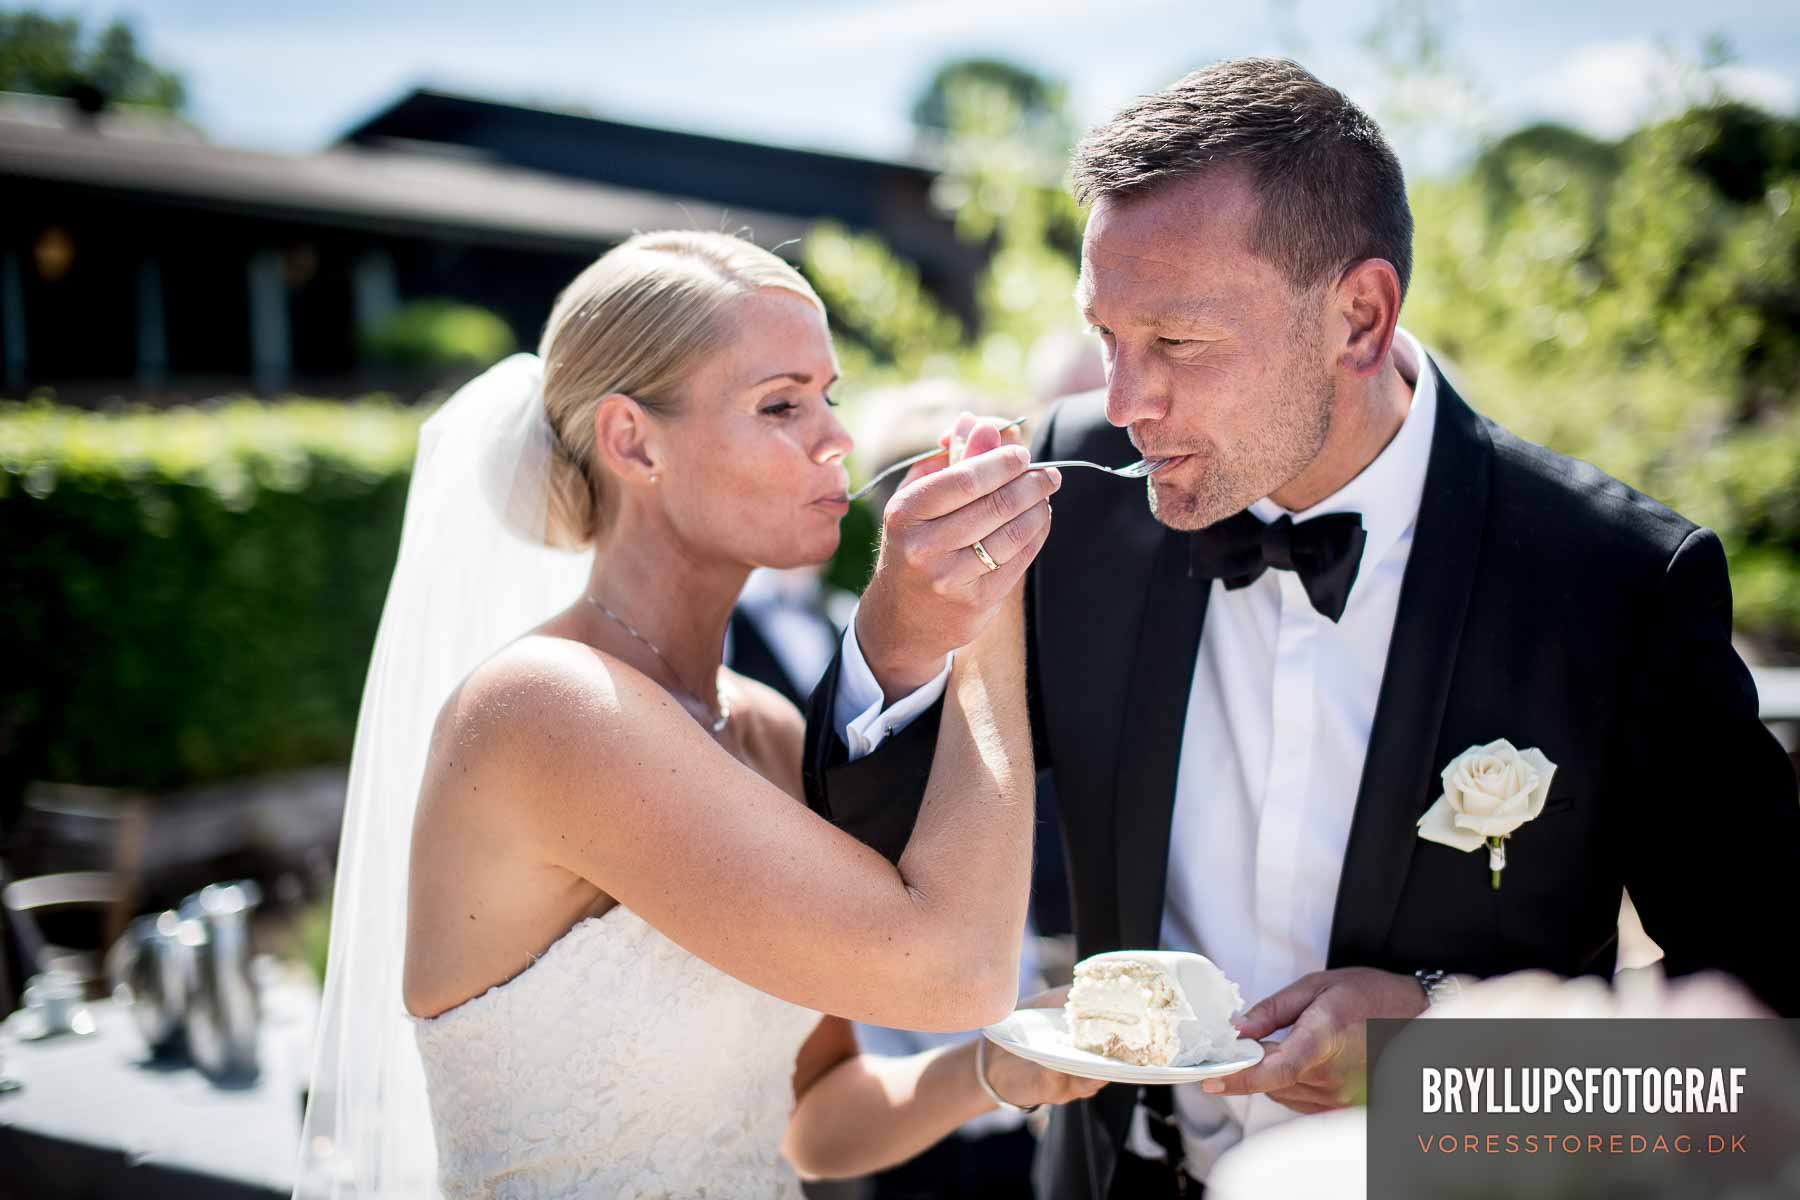 Bryllupsgæsterne overnattede alle på Munkebjerg